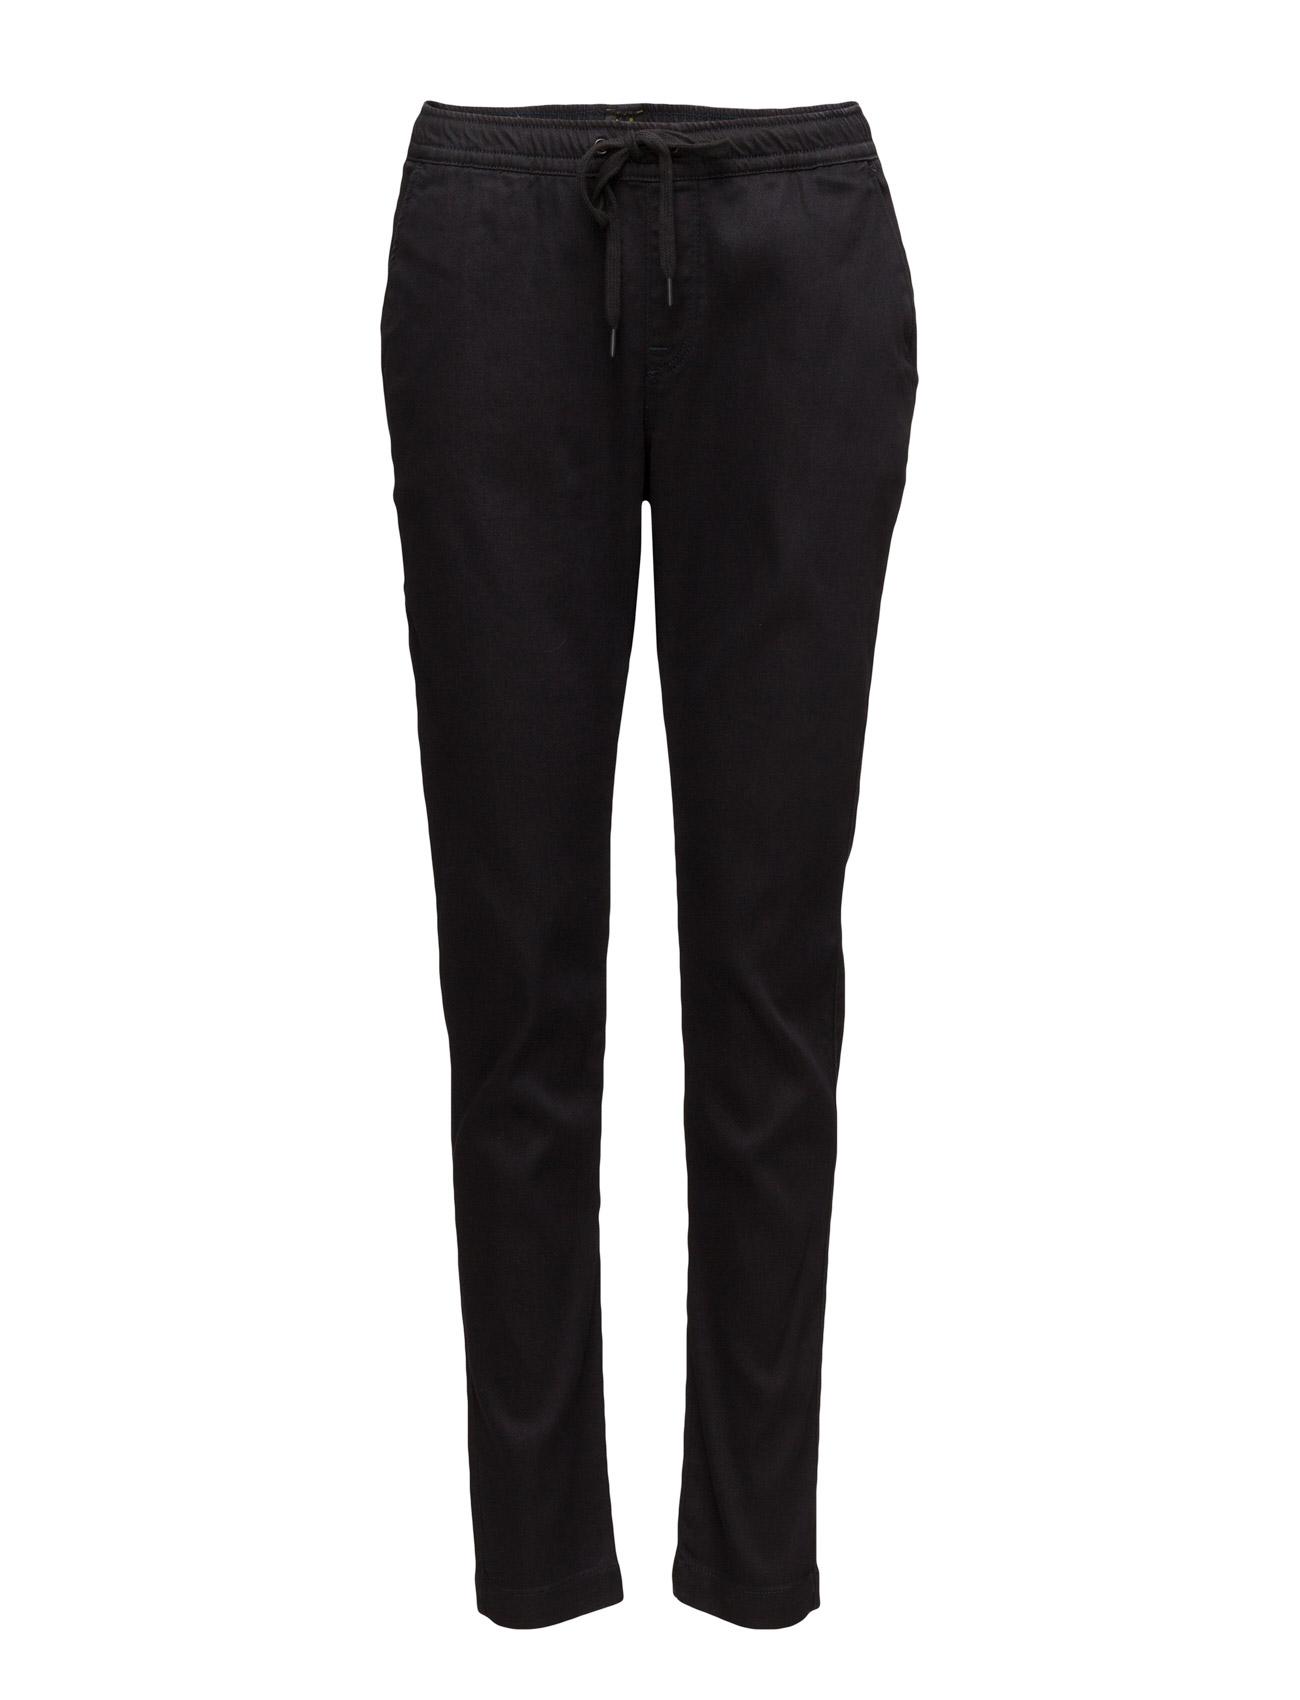 Jogger Lee Jeans Casual bukser til Damer i Black Bandit